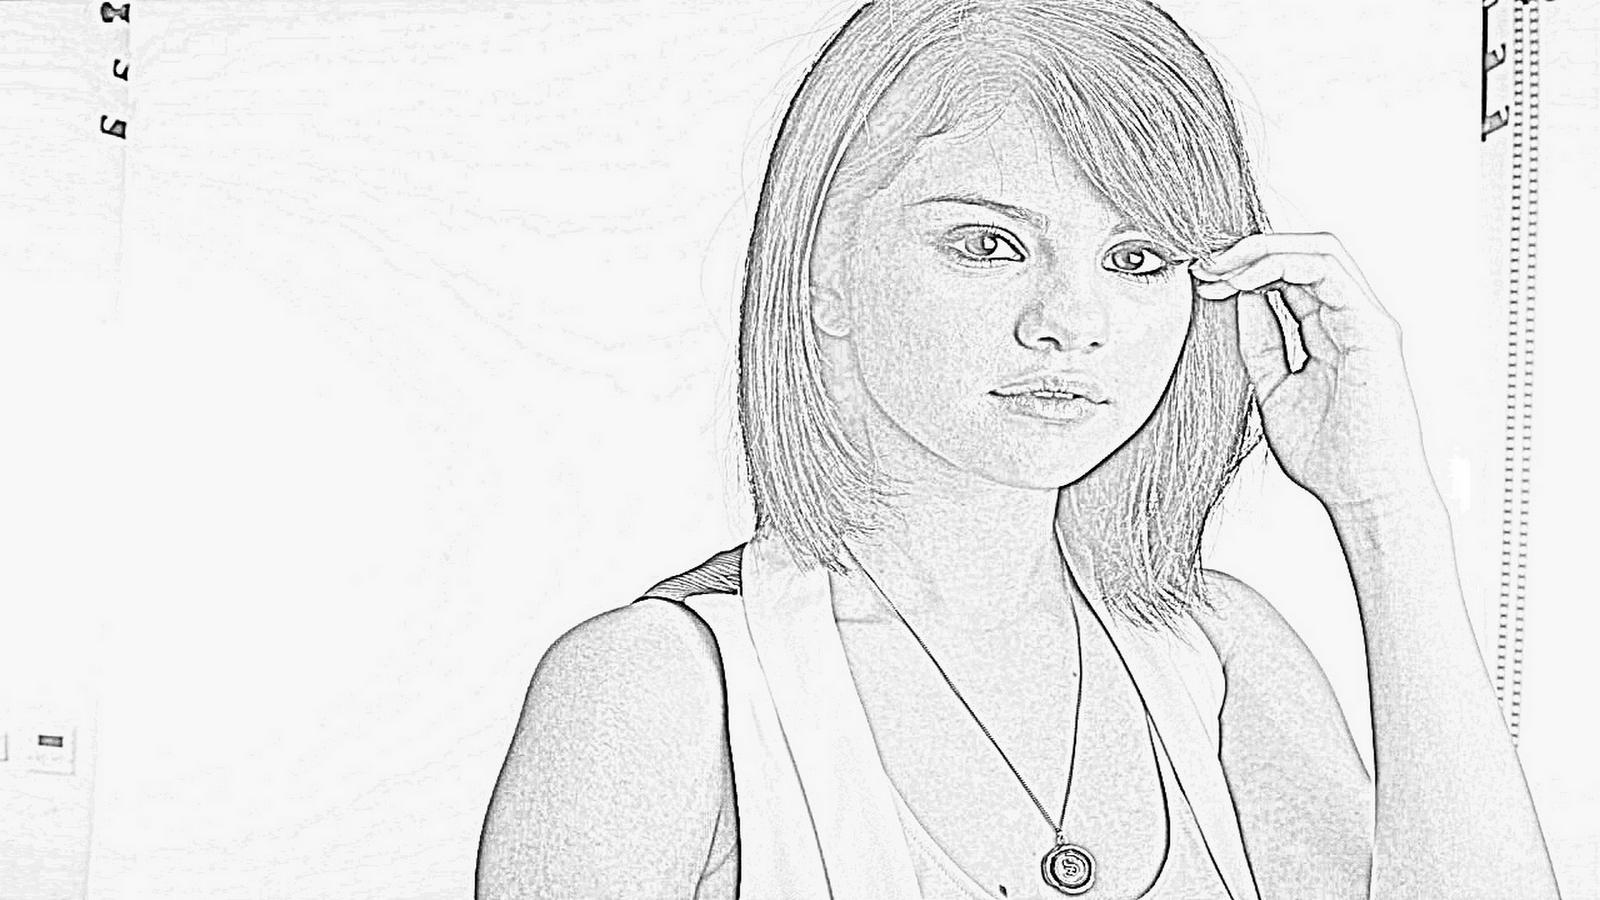 sketch wallpaper hd 1080p - photo #10